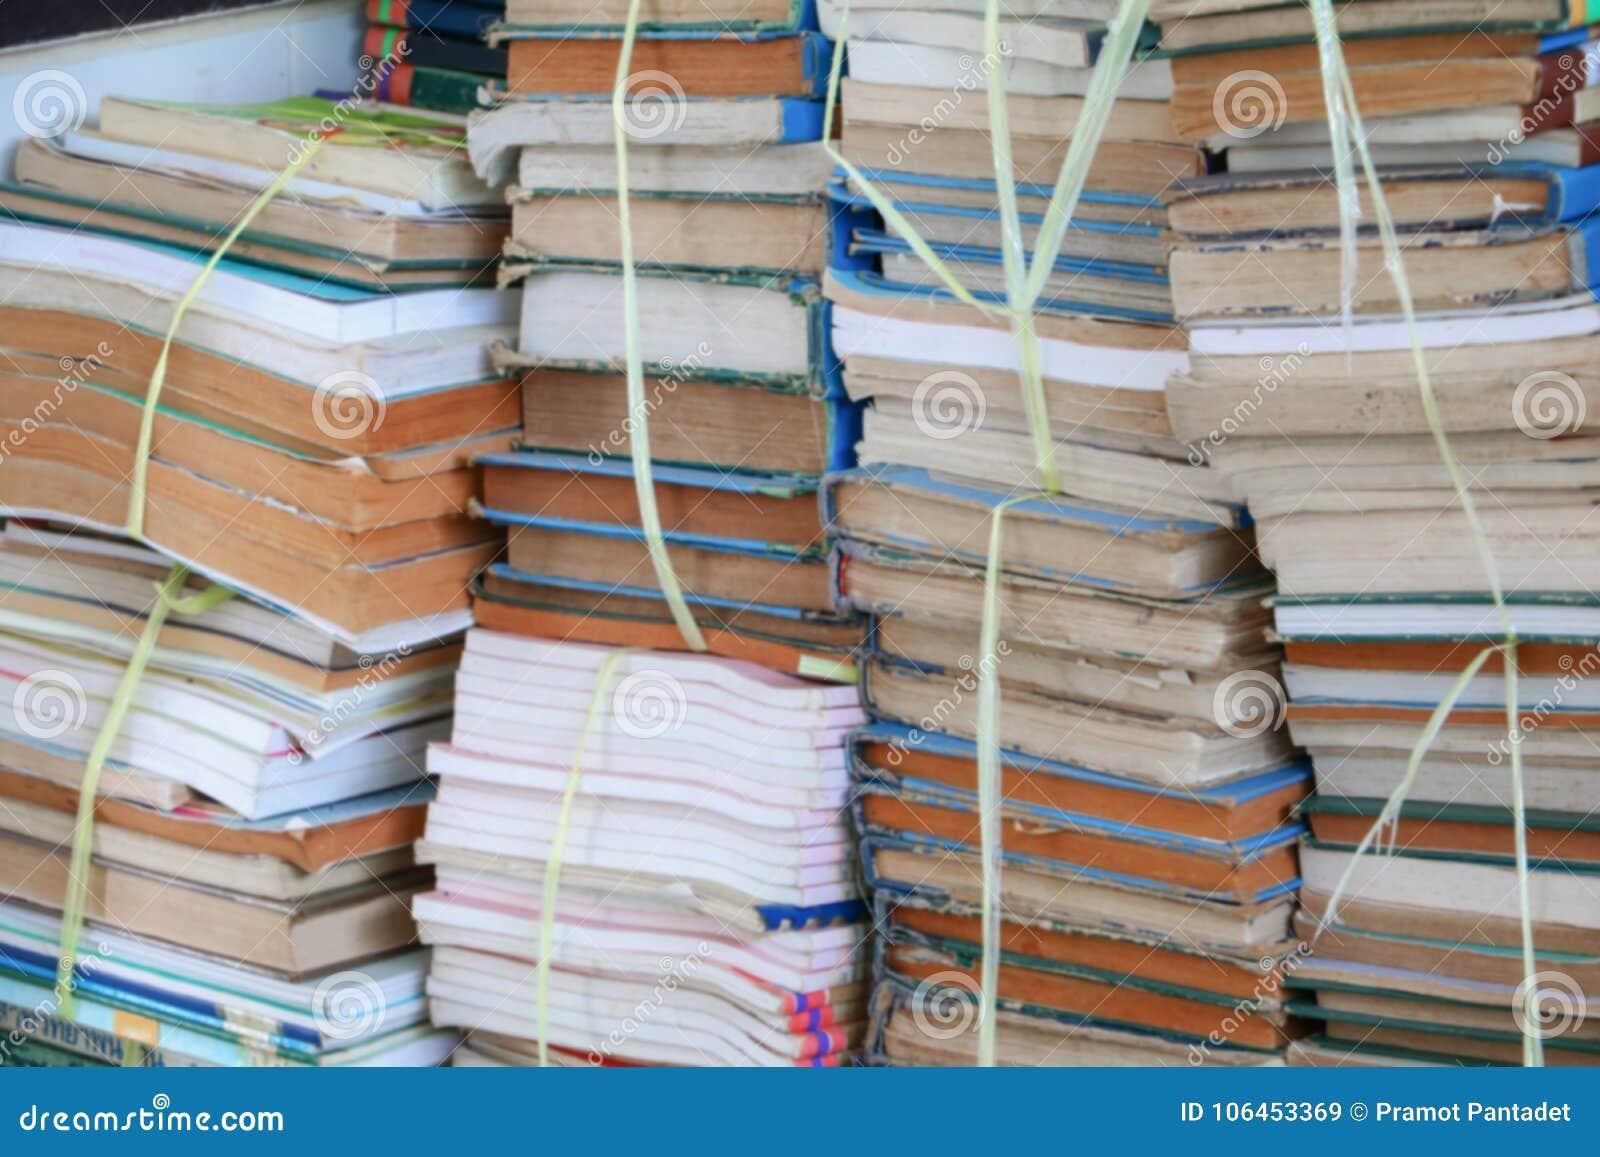 Unscharfer Fokus mit Stapel benutzten alten Büchern